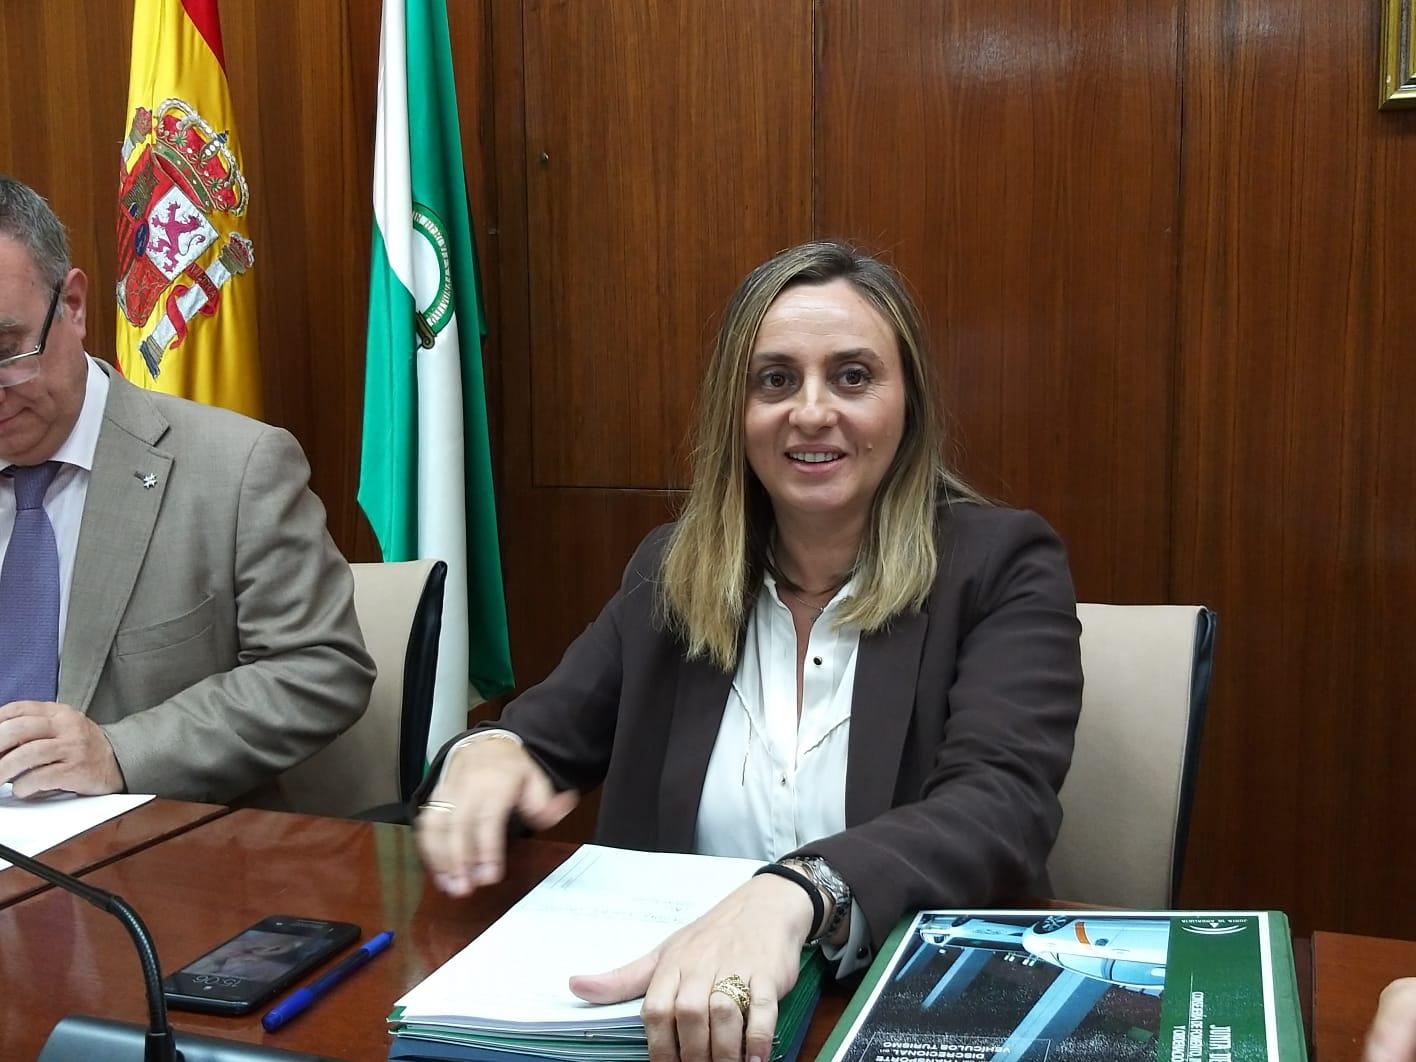 La Junta de Andalucía pone en marcha el Plan de Movilidad del Área Metropolitana